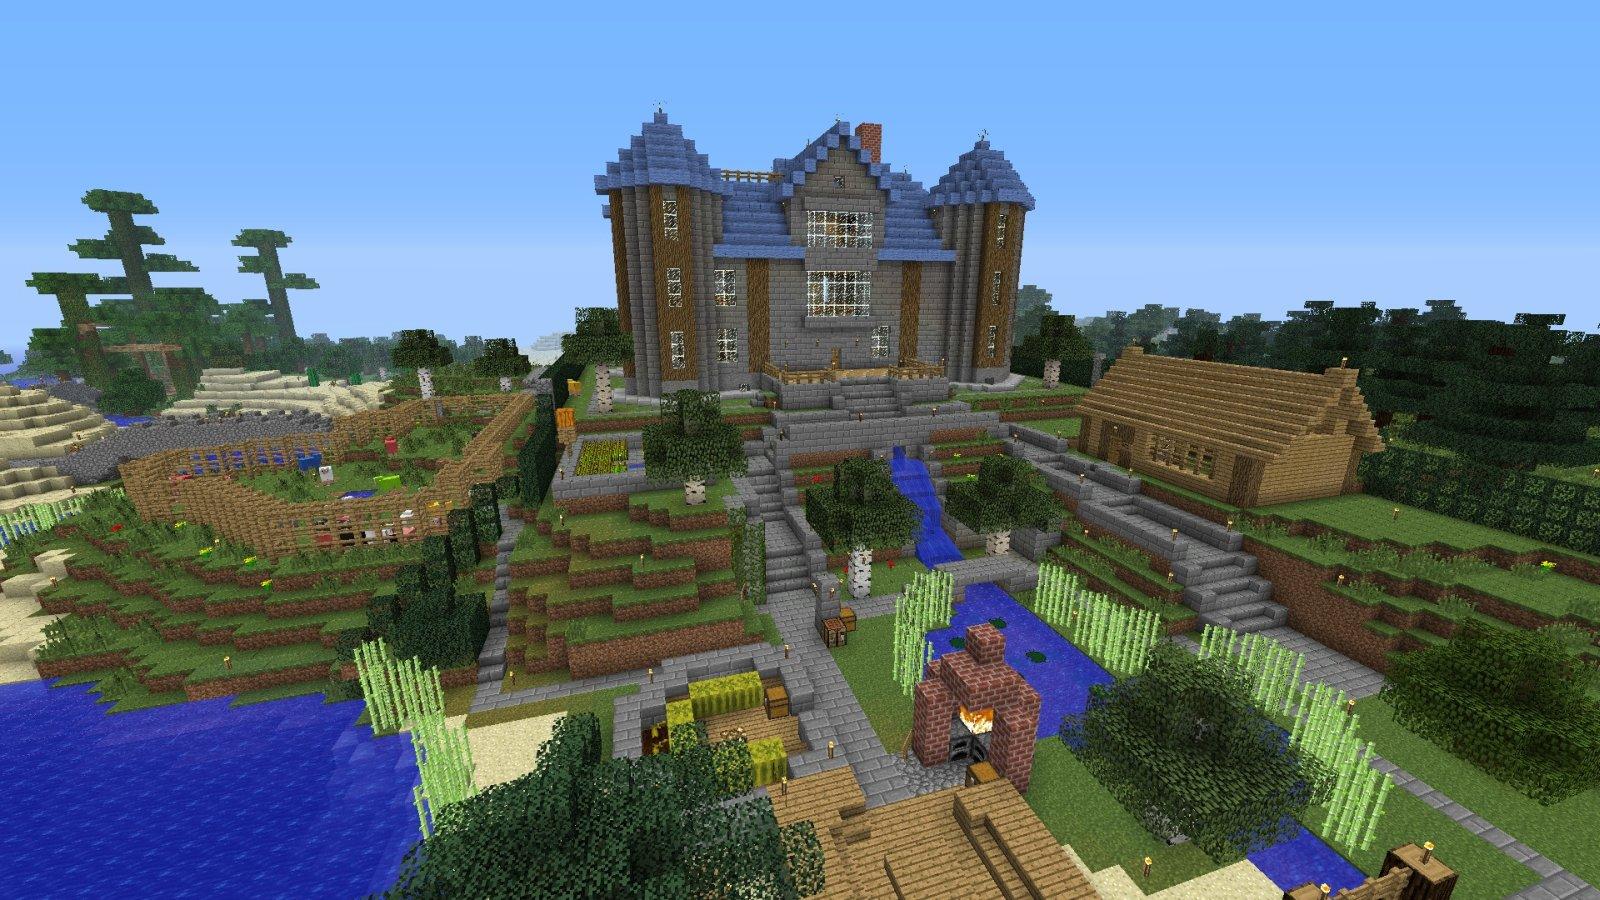 Minecraft PCVersion Mit Mio Käufern Hinweis Auf Pferde - Minecraft spiele mit pferden